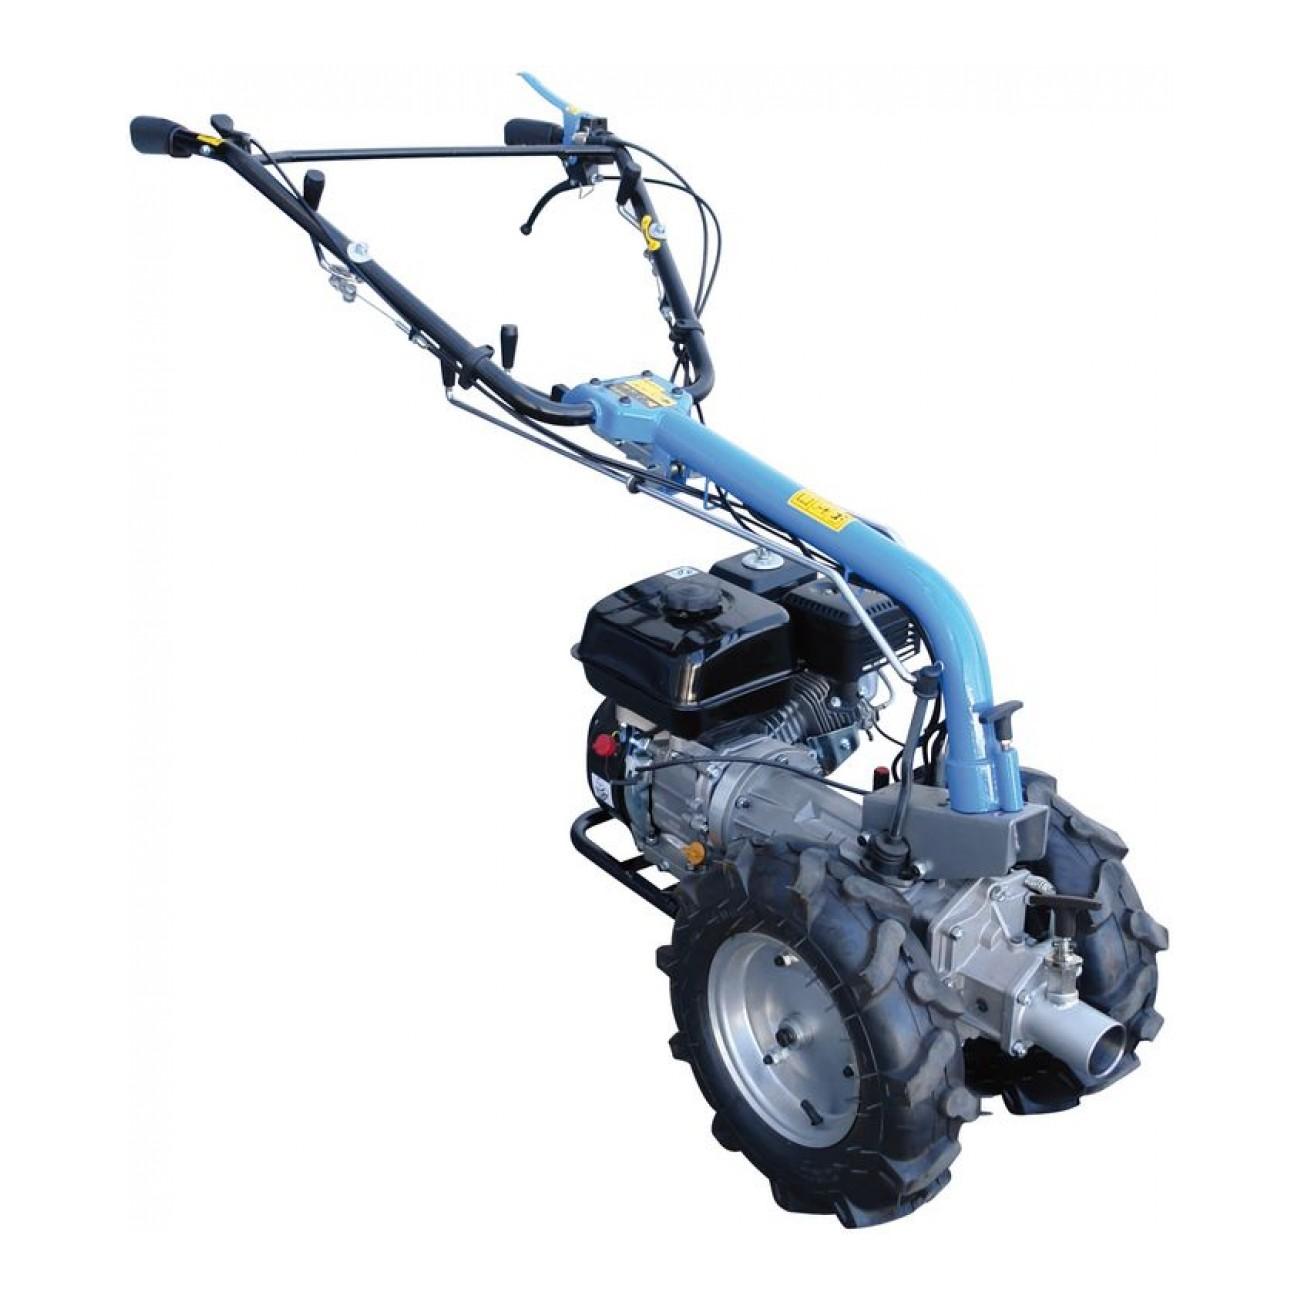 Güde Motoreinachser GME 6.5 V Benzin Motorgerät Antriebseinheit Einachser 95187